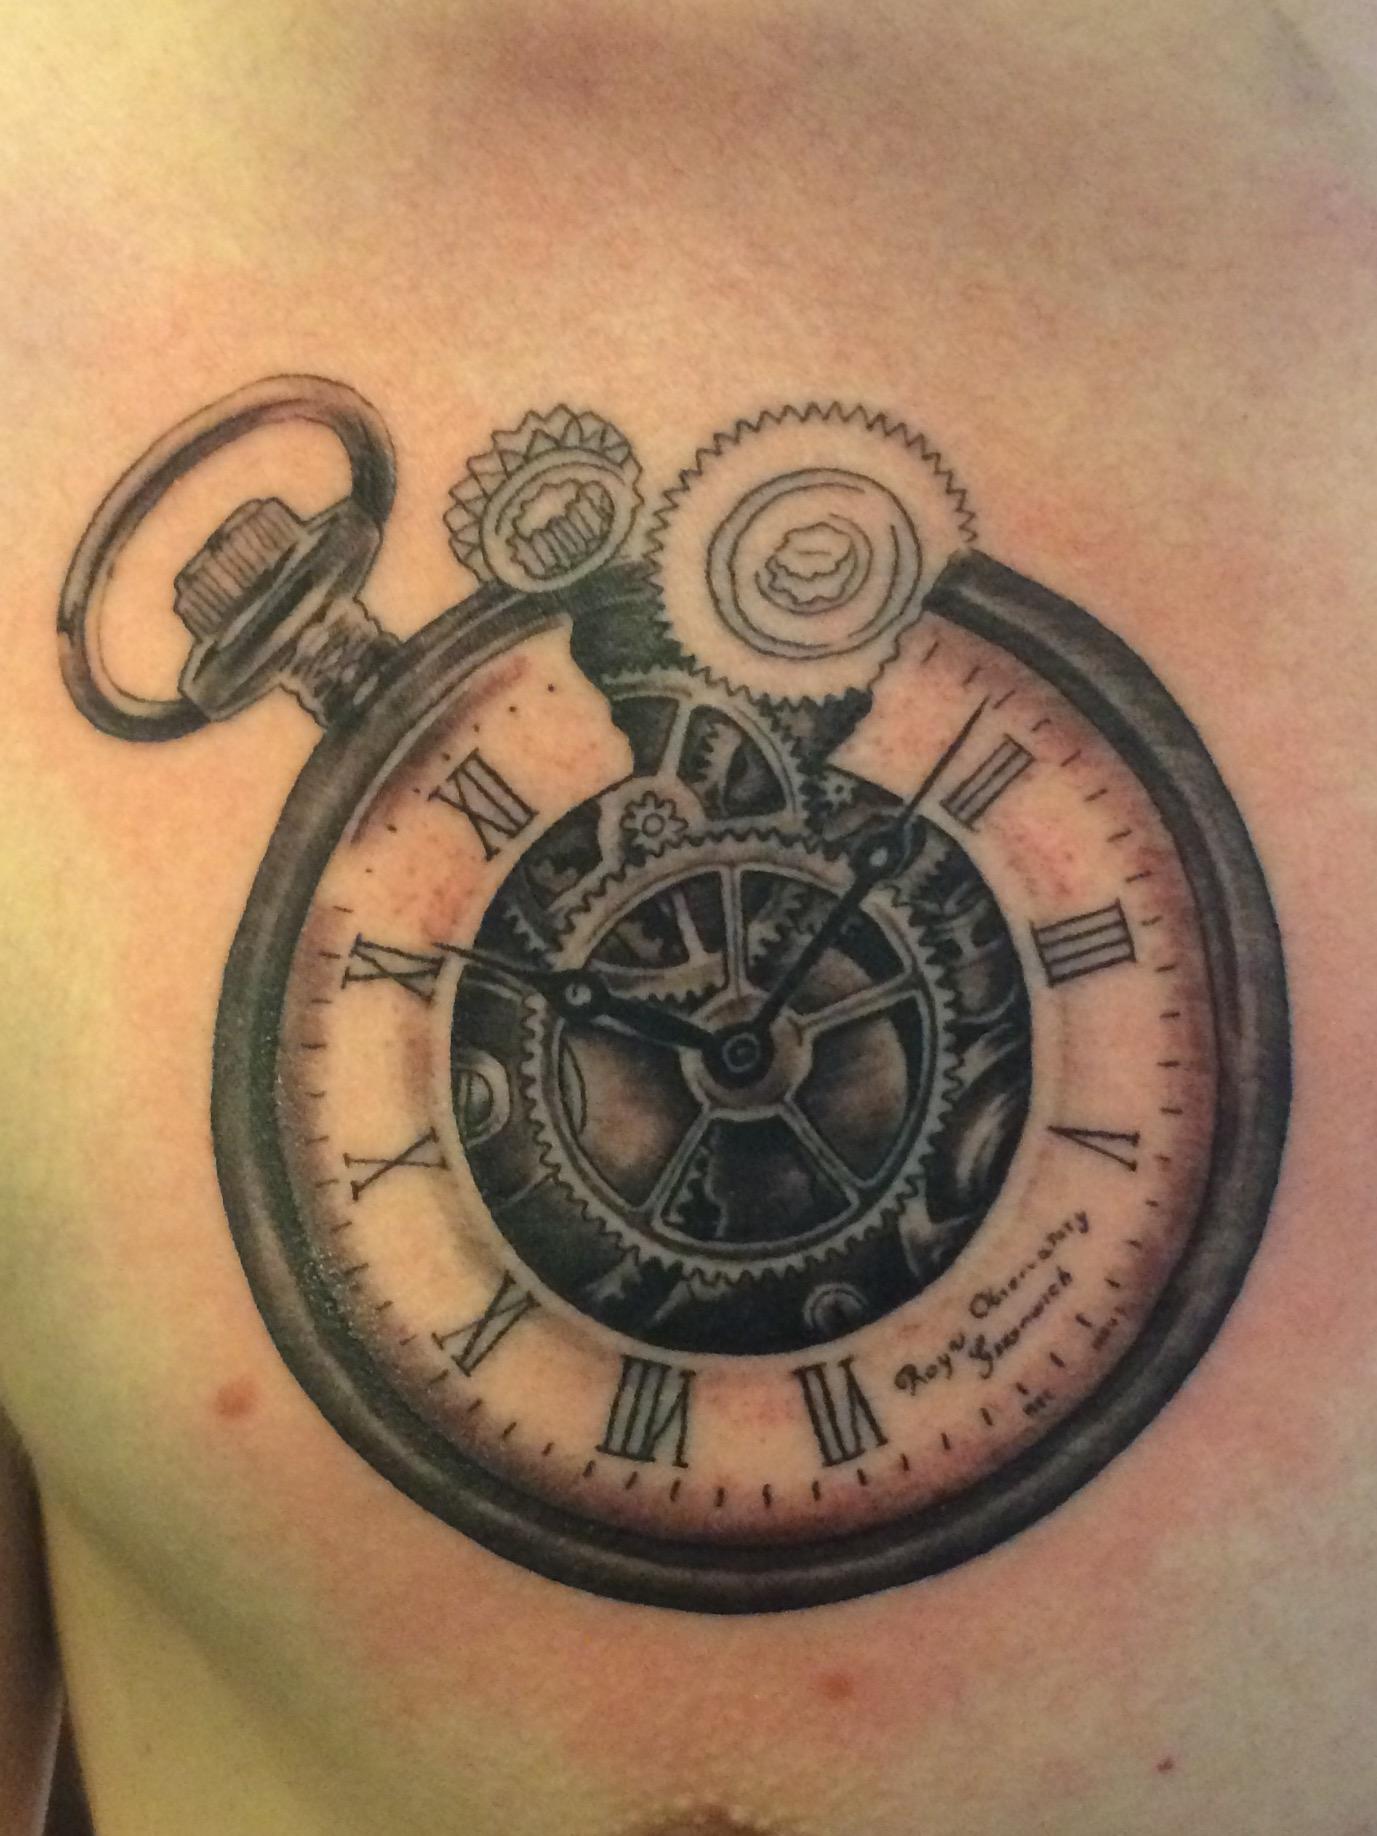 Tobiho Taschenuhr Zahnrad In Progress Tattoos Von Tattoo